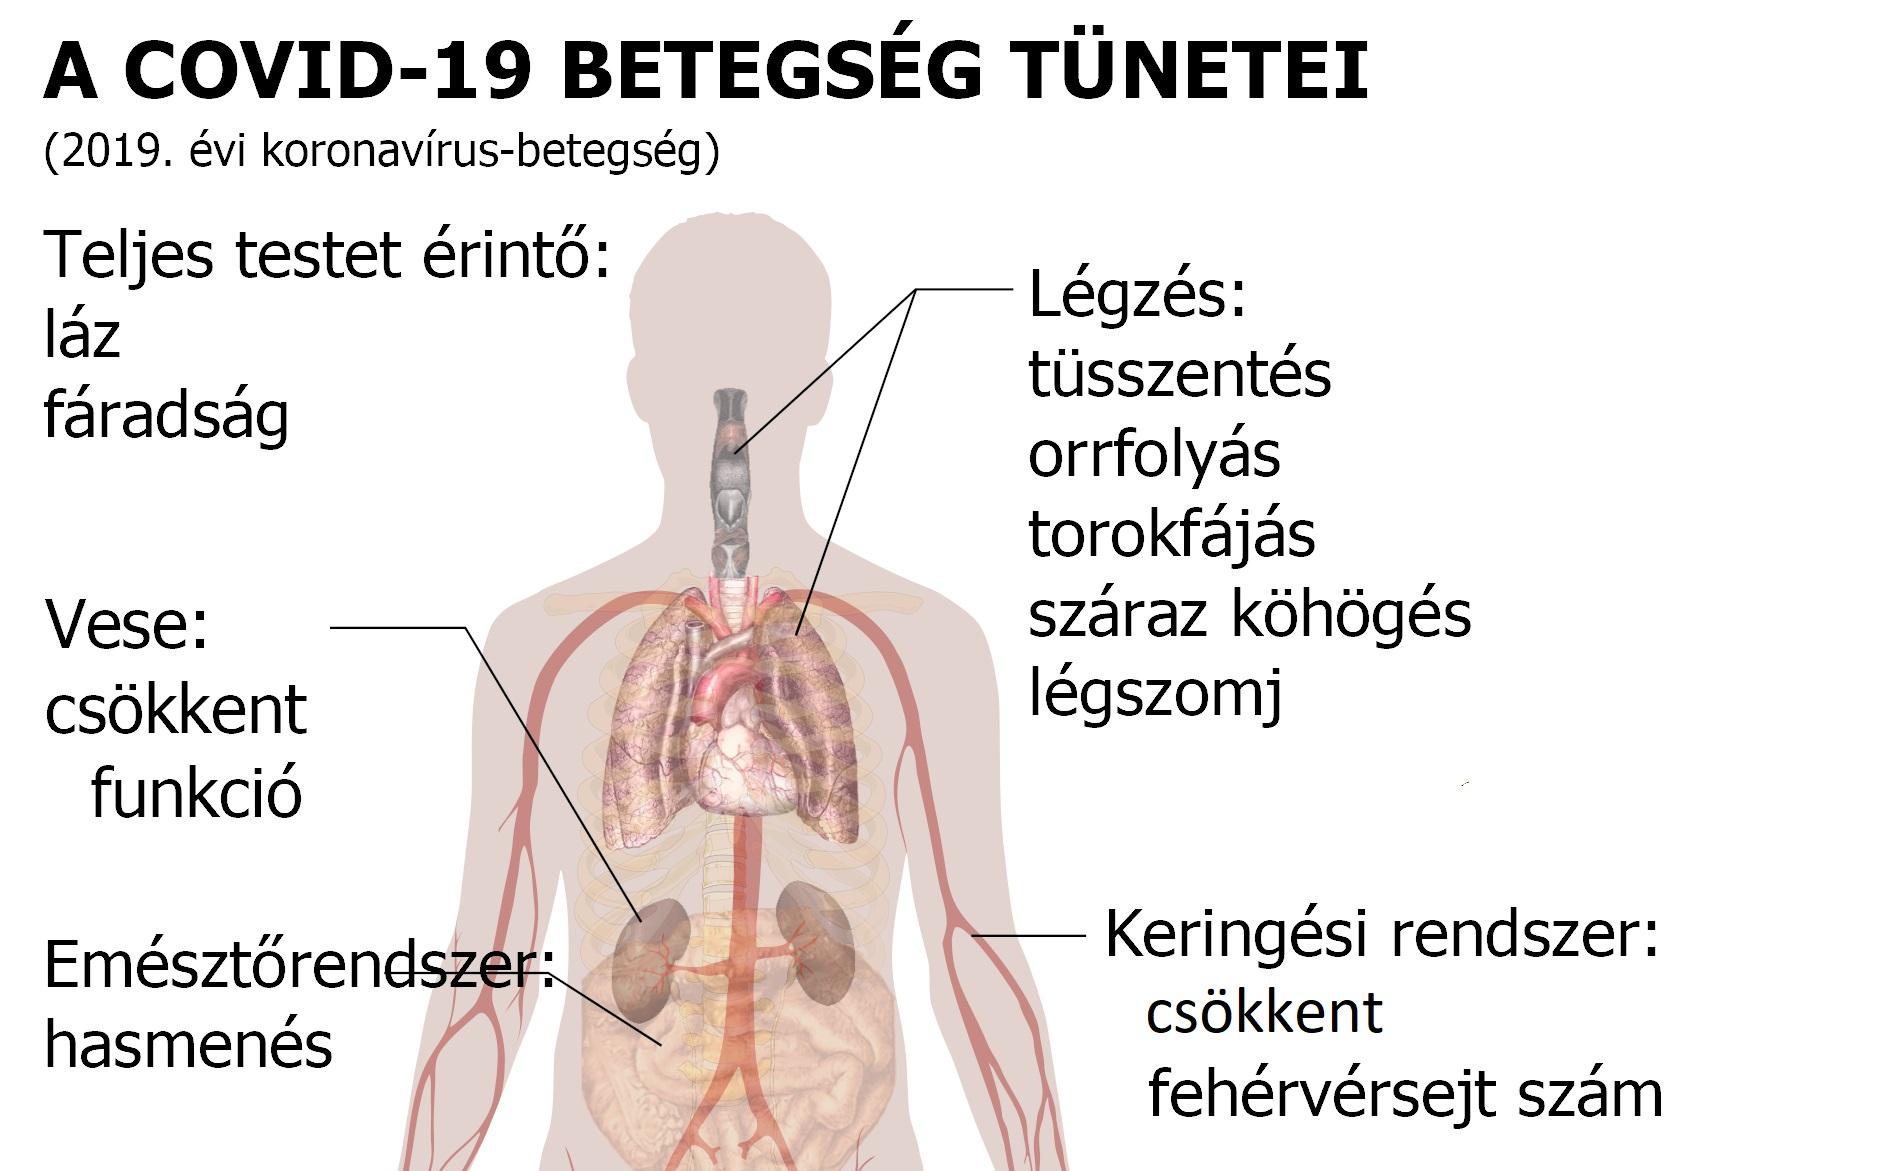 ha vese magas vérnyomás mit kell tenni magas vérnyomás elleni gyógyszerek cukorbetegek számára